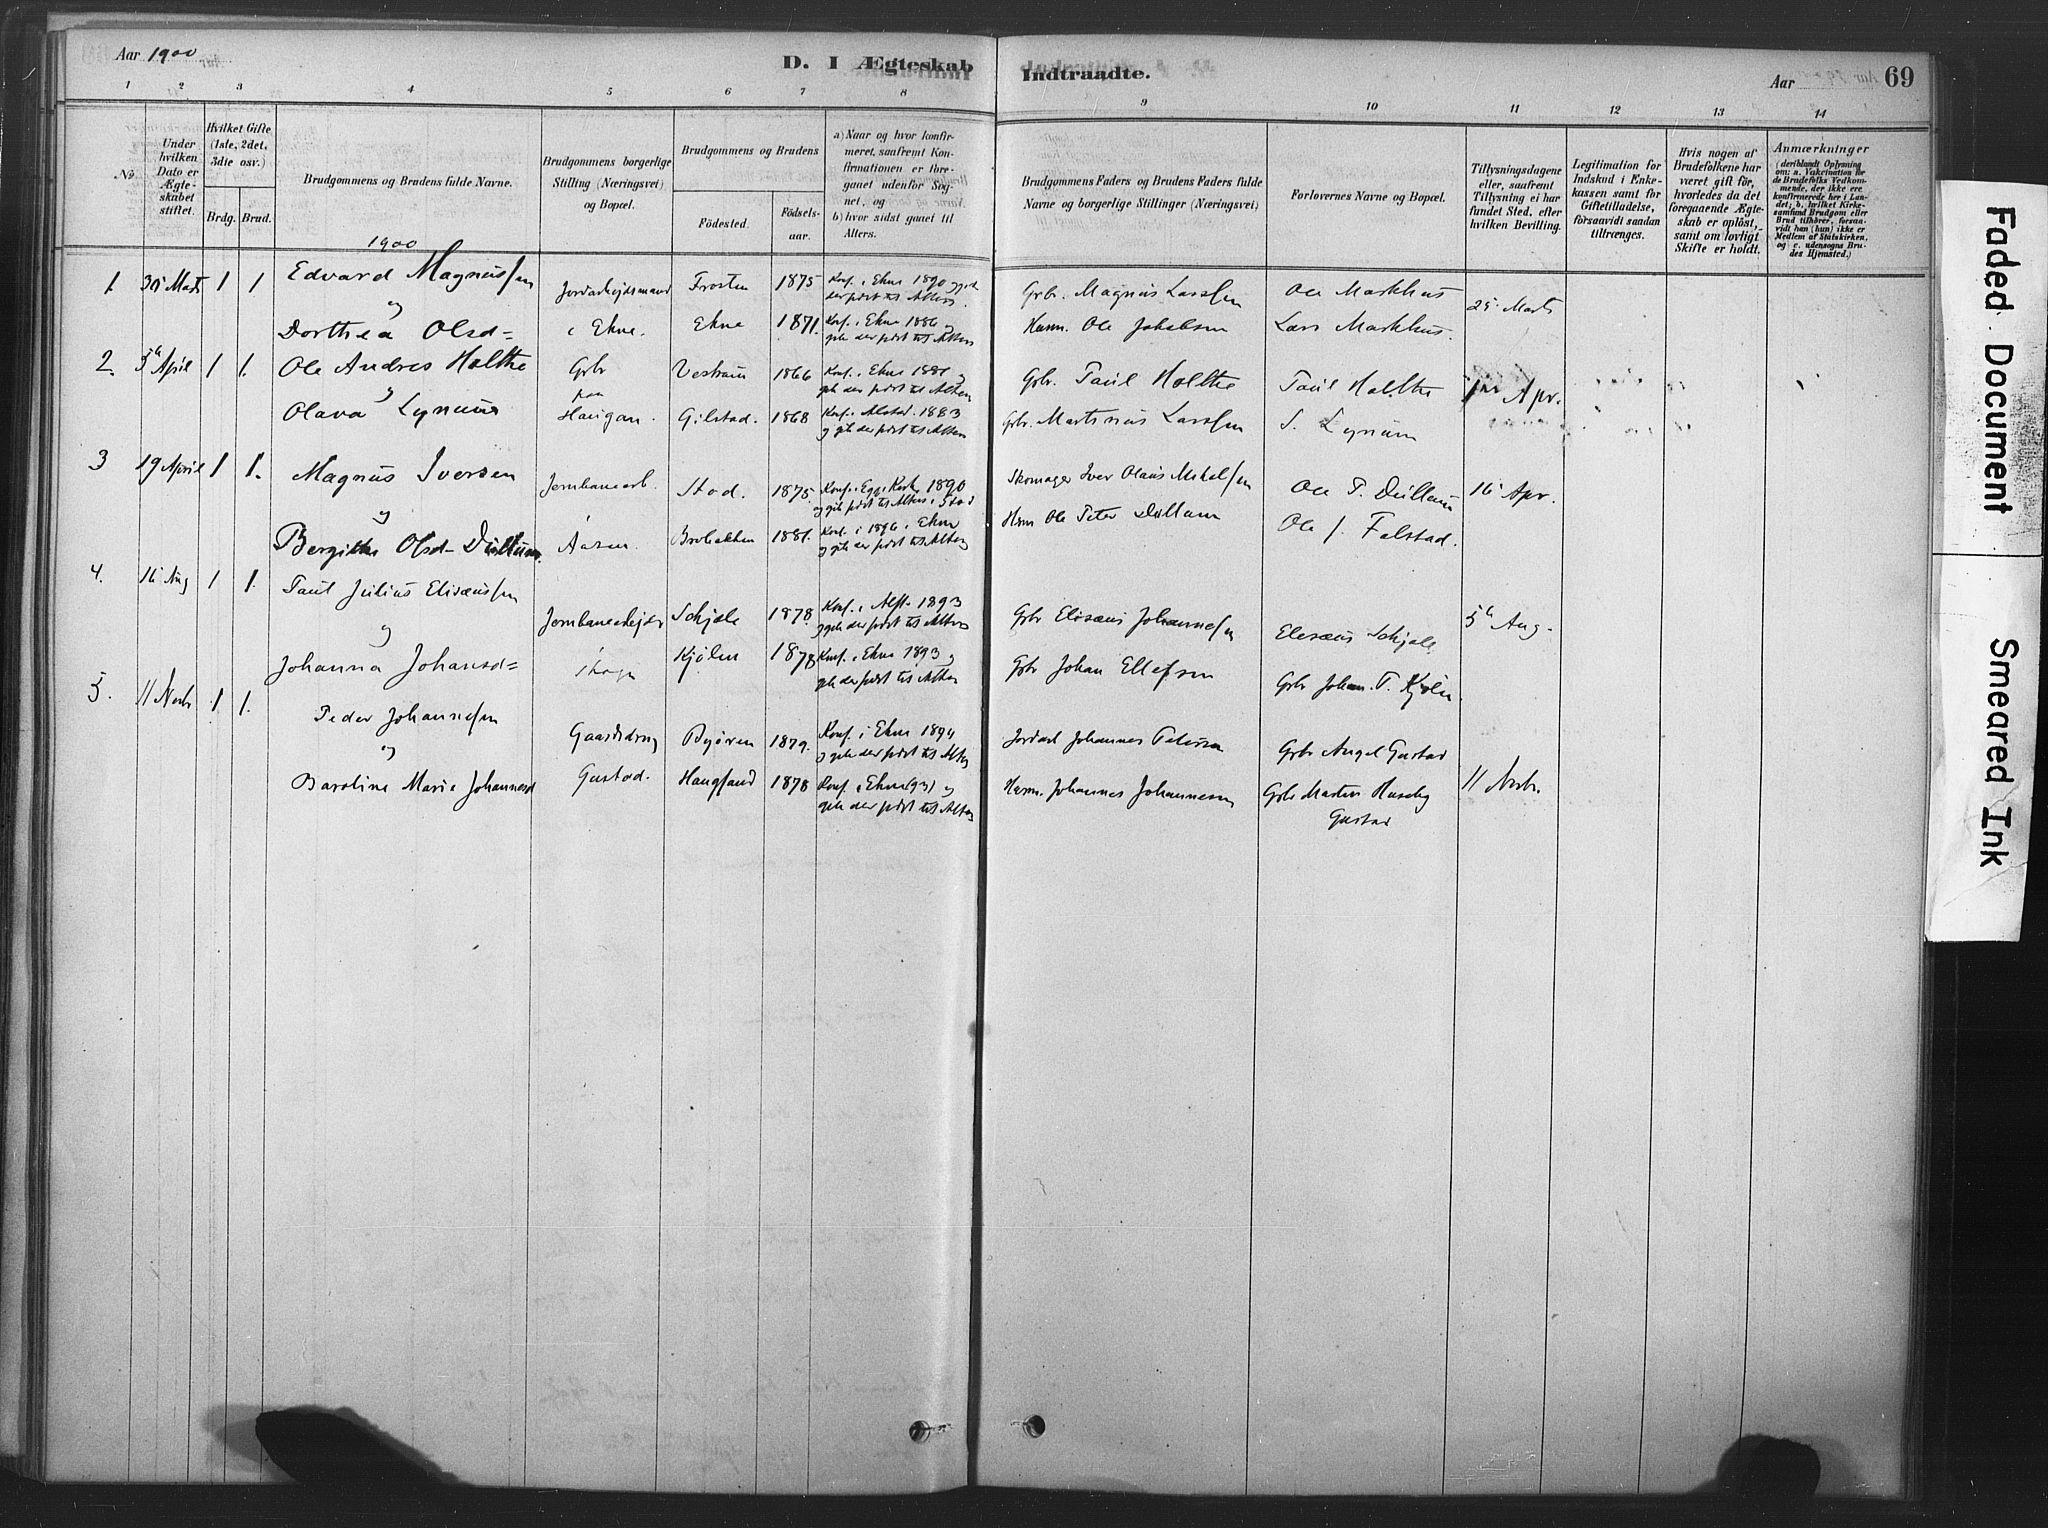 SAT, Ministerialprotokoller, klokkerbøker og fødselsregistre - Nord-Trøndelag, 719/L0178: Ministerialbok nr. 719A01, 1878-1900, s. 69